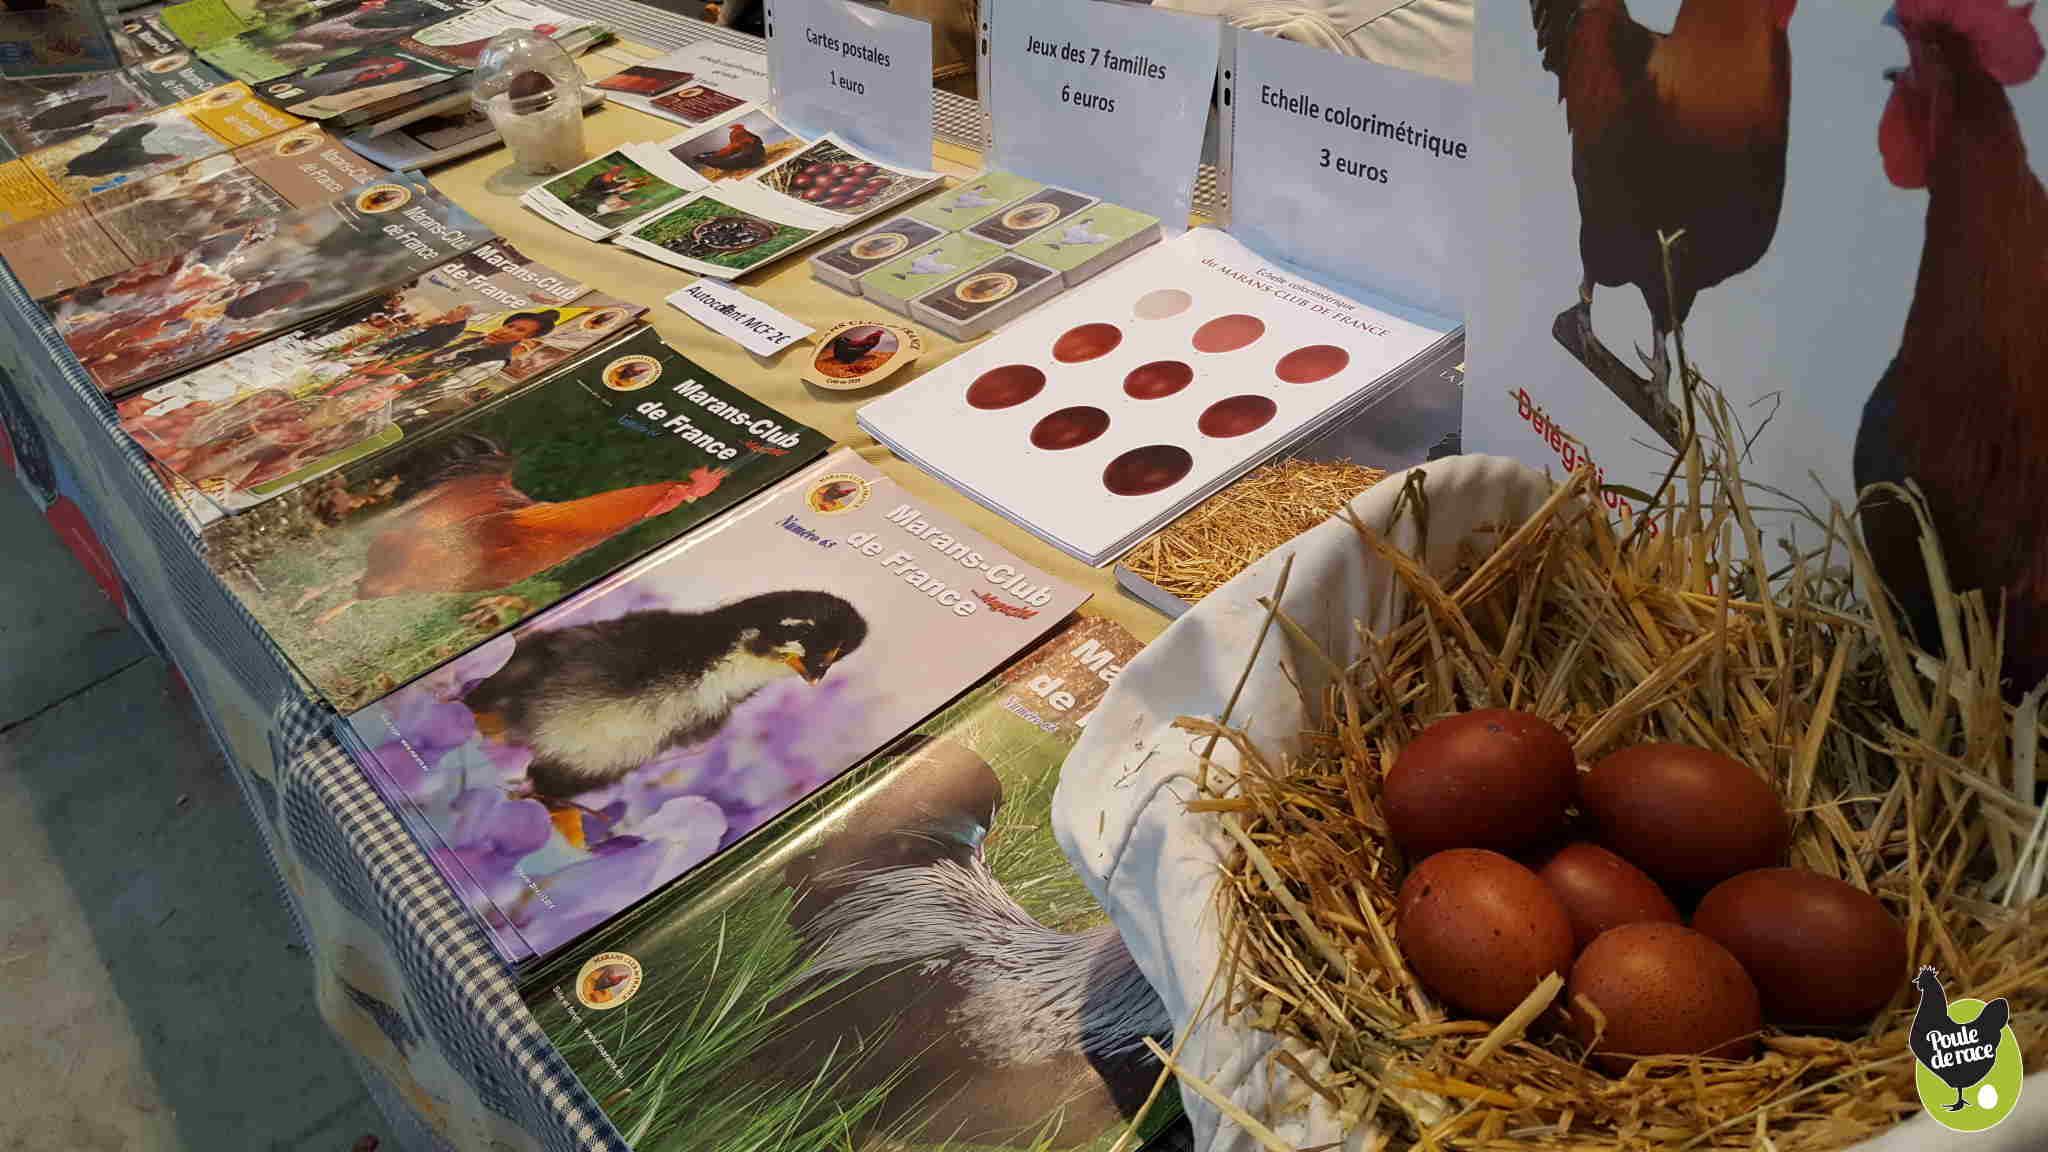 le Marans club de France pour la sauvegarde de la poule de Marans la poule aux oeufs extra roux était présent